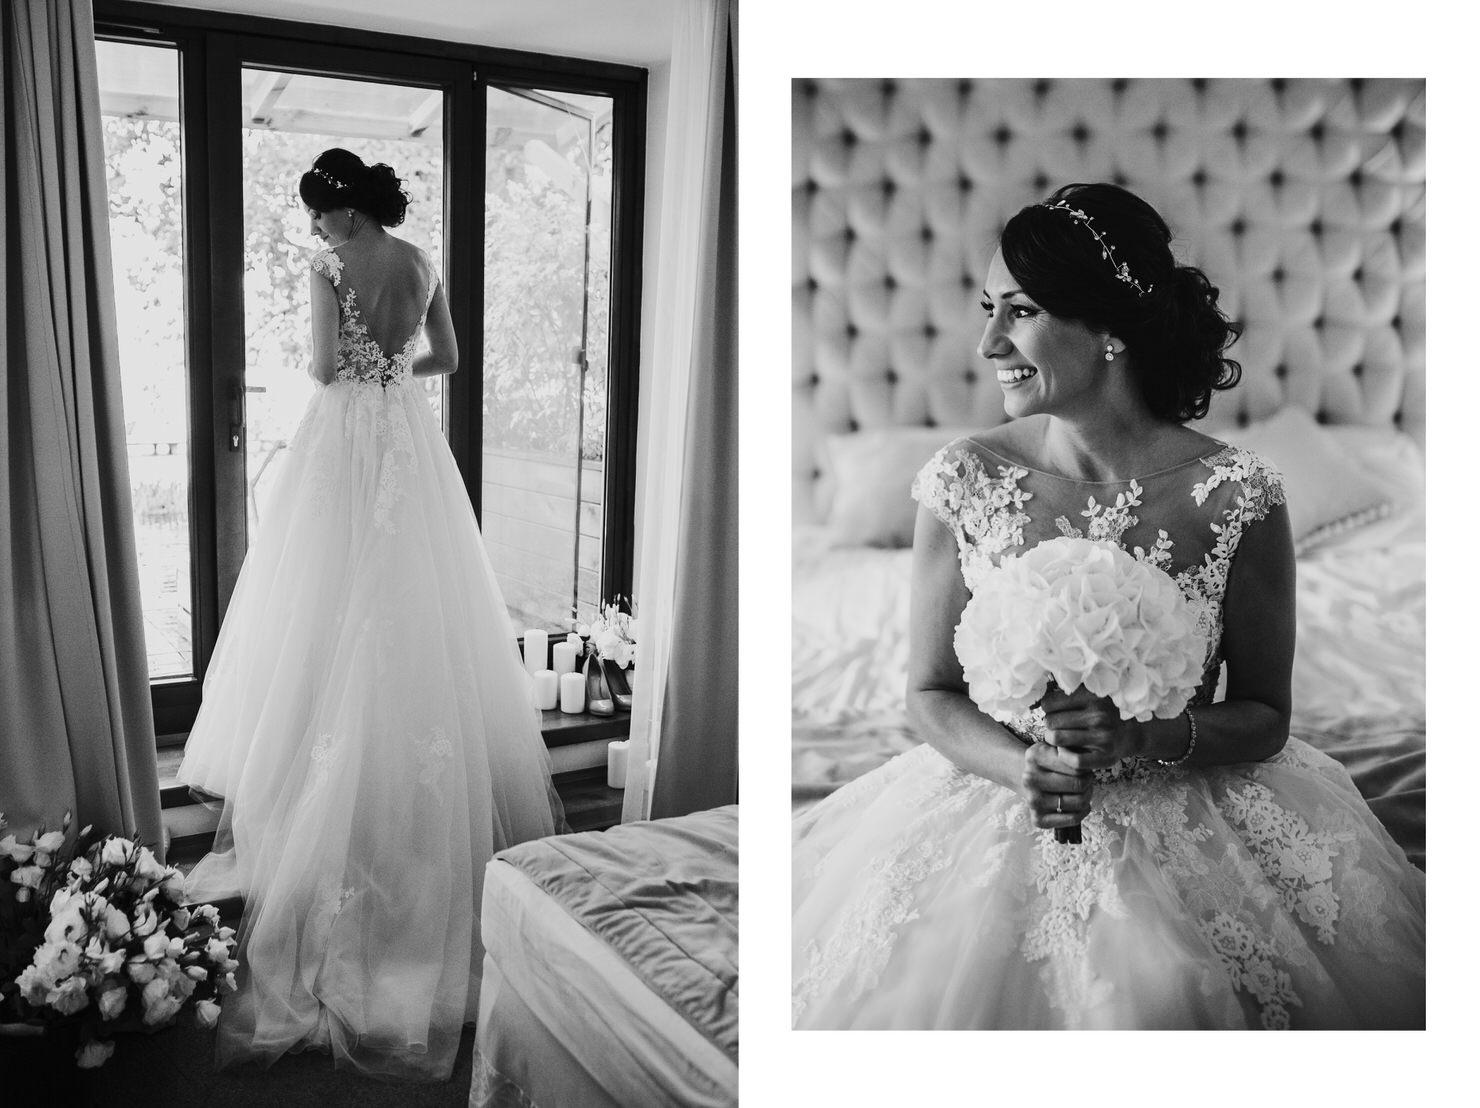 wesele rustykalne hotel jablon mazury warszawa inspiracje fotograf slubny plener zdjecia resort